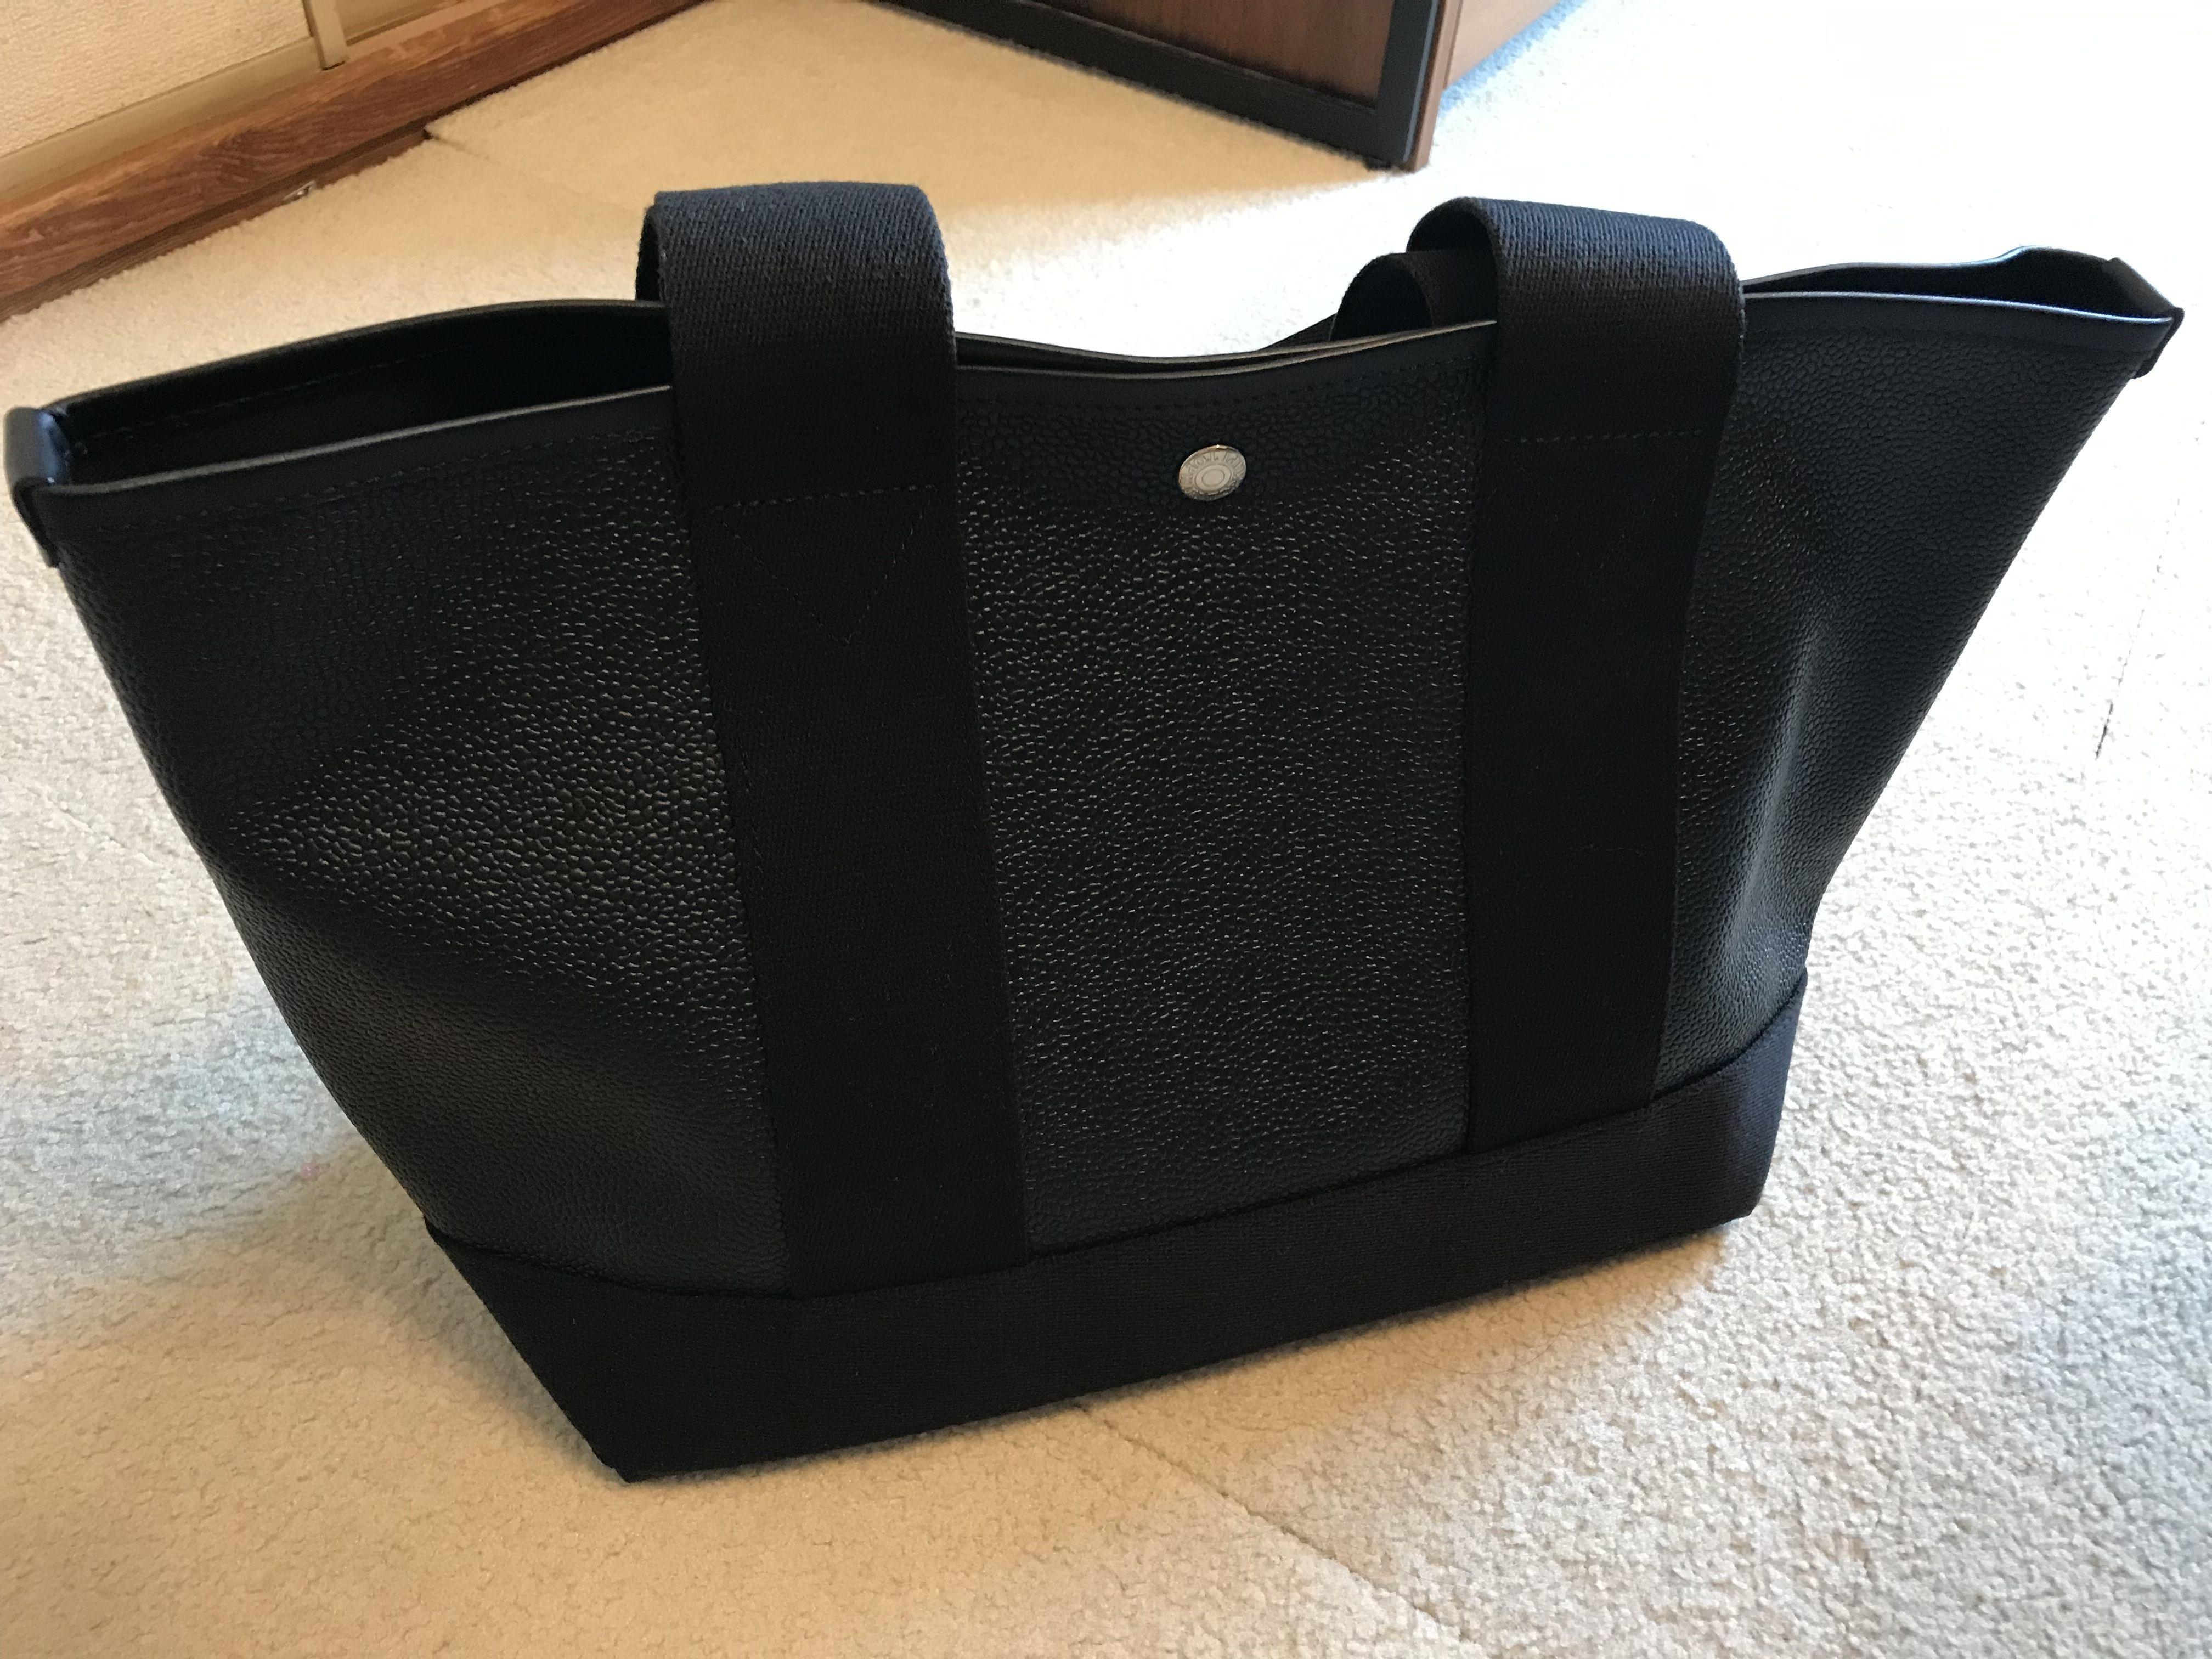 トプカピのトートバッグ | 暮らしの道具帖 - 楽天ブログ